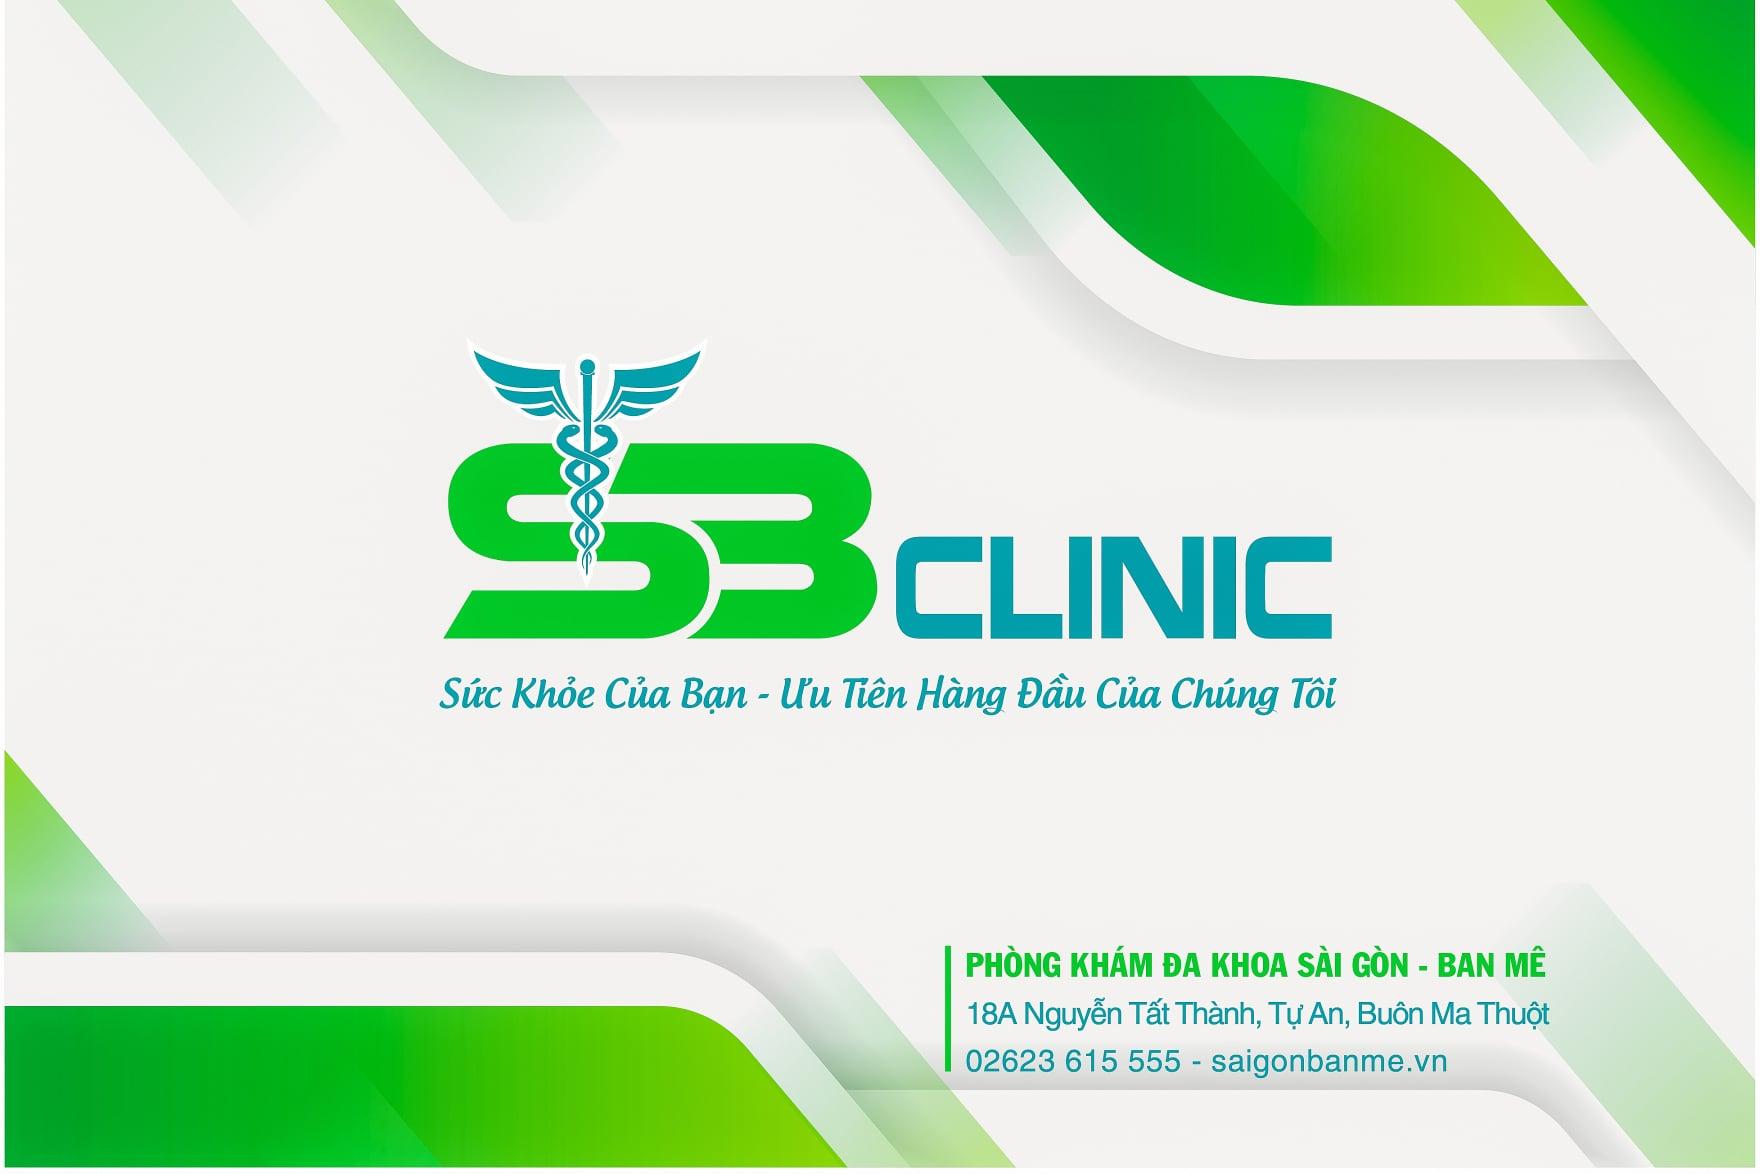 Công bố slogan kỉ niệm 2 năm thành lập SBC